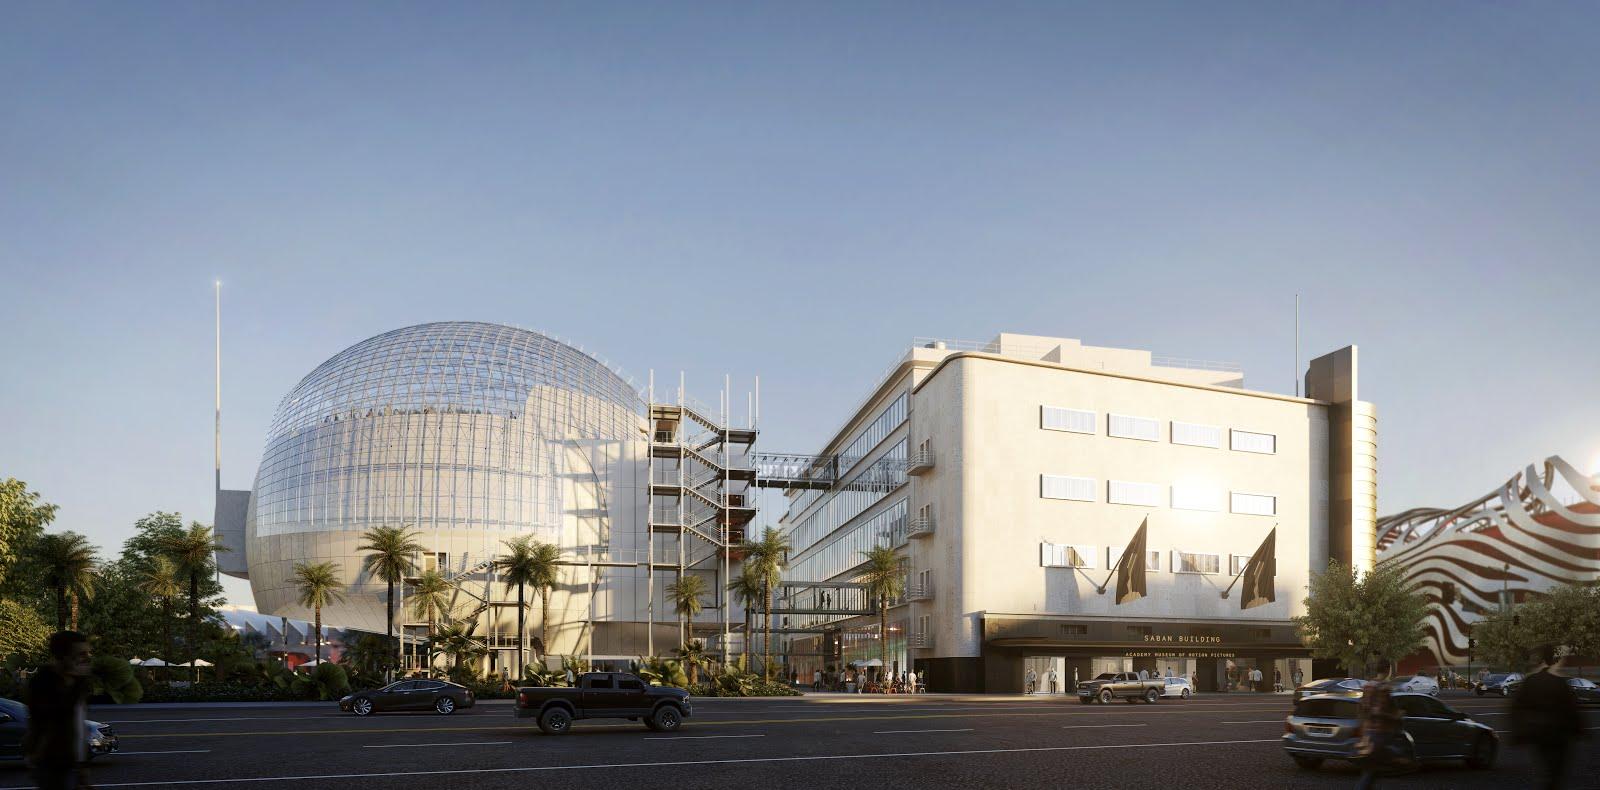 Durante o Oscar desse ano, aAcademiade Artes e Ciências Cinematográficas anunciou que abrirá seu museu em 14 de dezembro de 2020, em Los Angeles